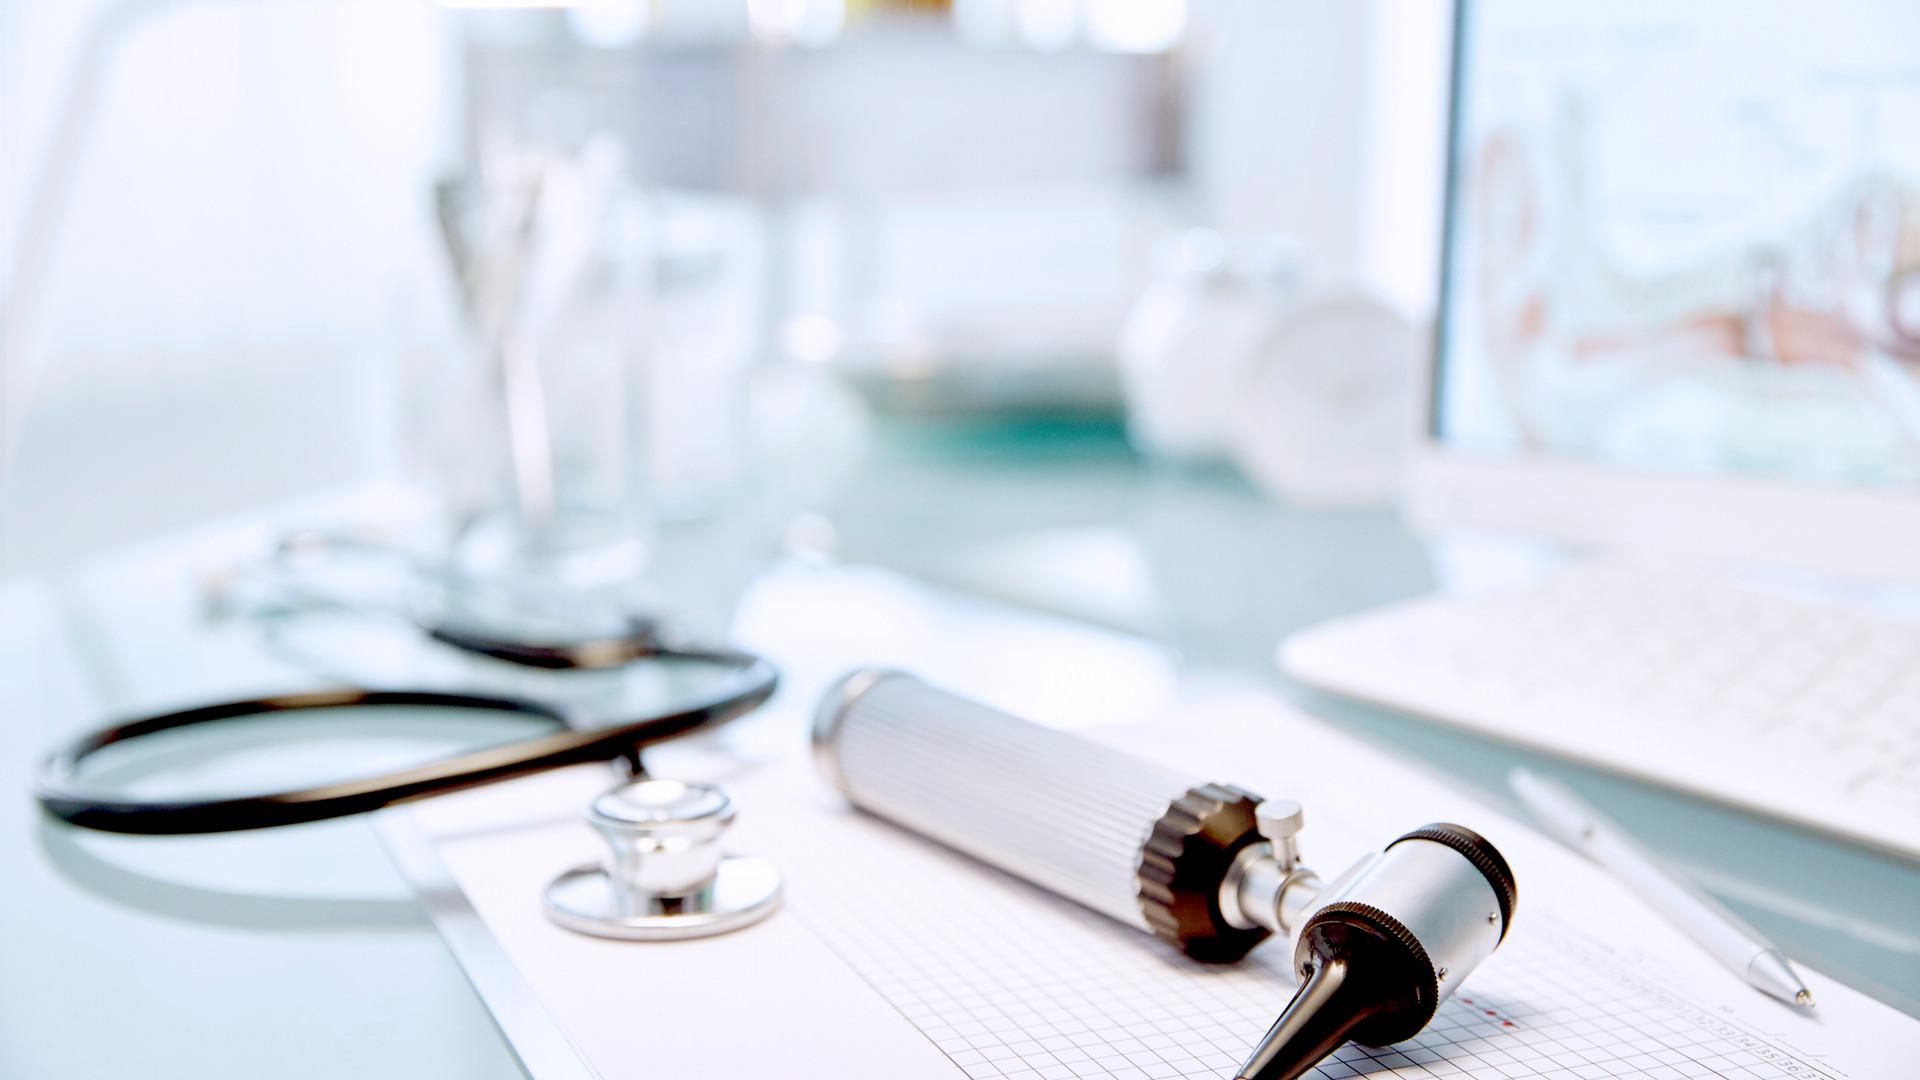 Schreibtisch mit Stethoskop